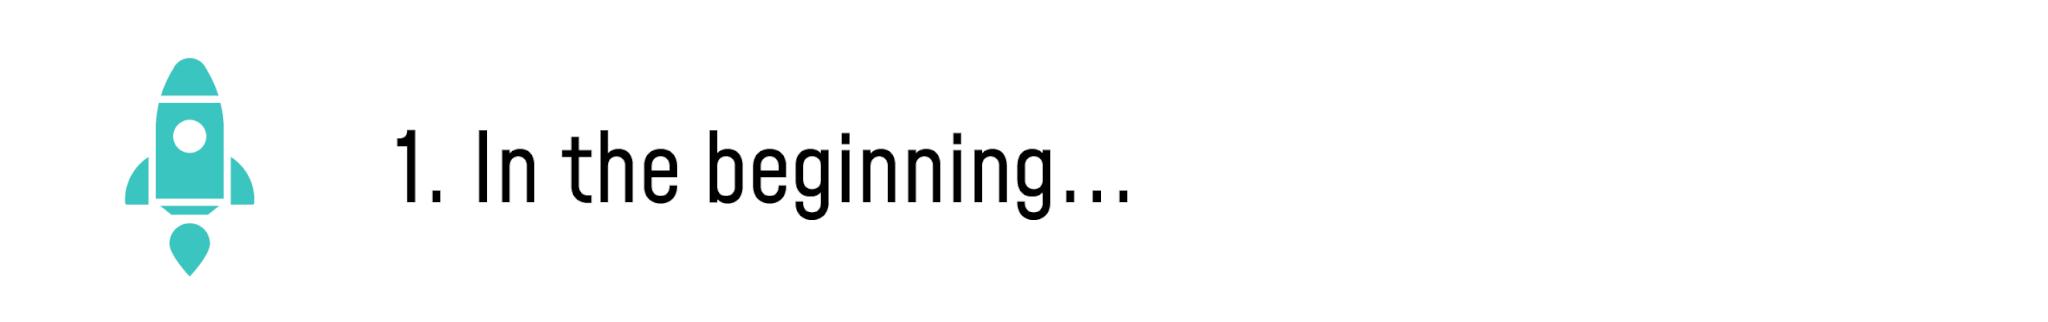 HiLo_Agency_Storytelling_Headline1_EN